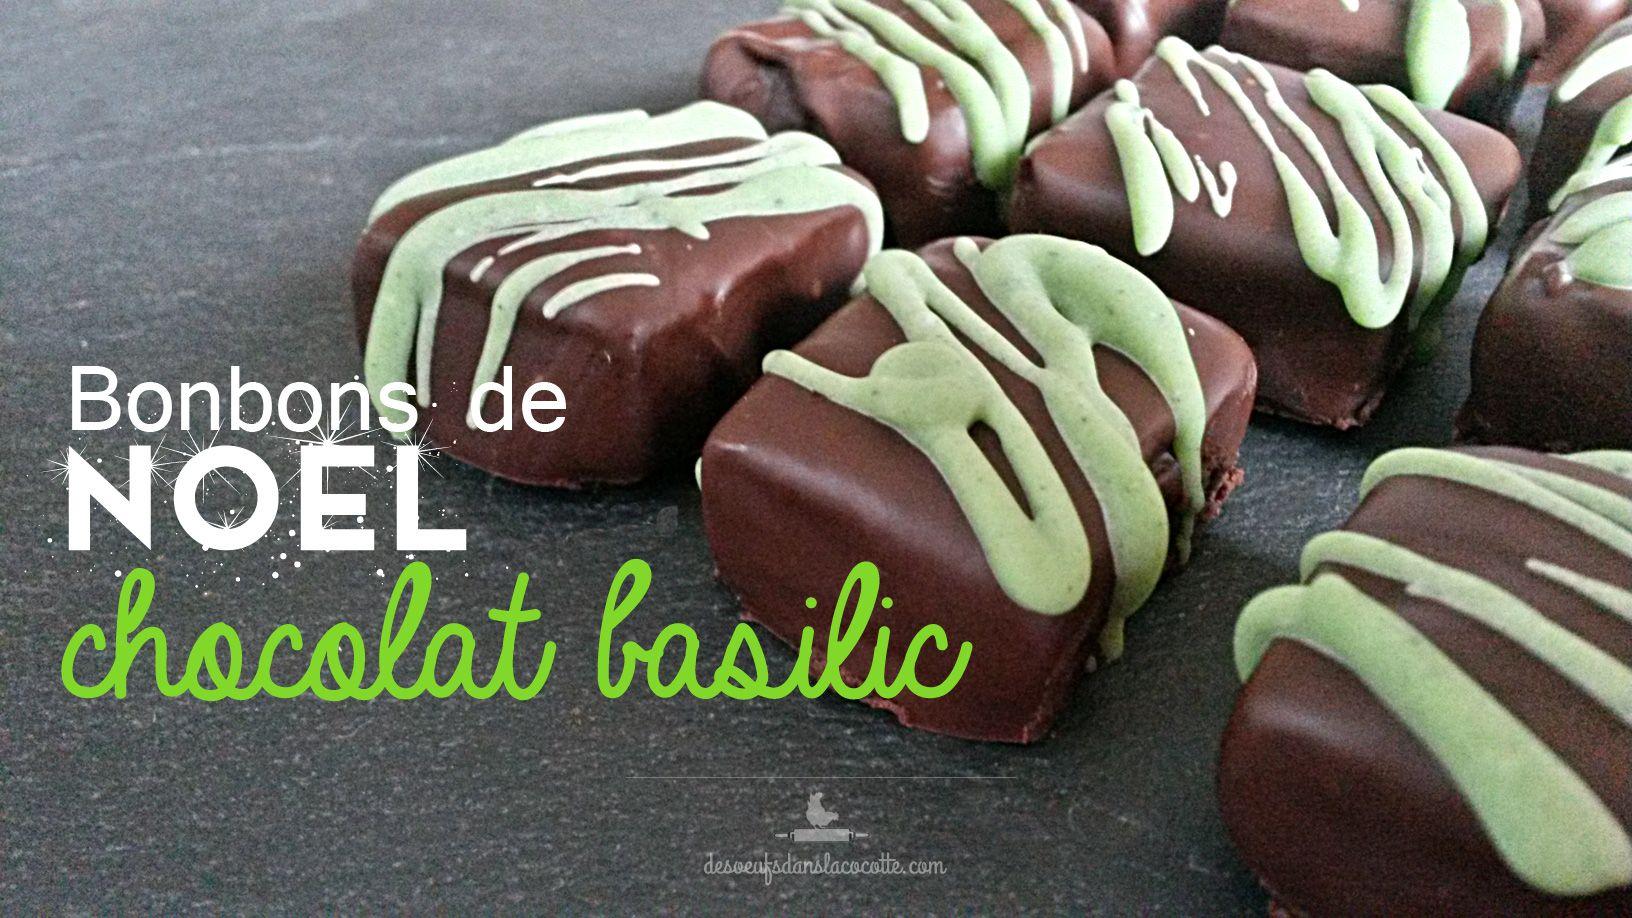 Bonbons de Noël au chocolat noir et aux saveurs de basilic. Aspect classique mais une saveur modernisée et peu commune.   http://desoeufsdanslacocotte.com/bonbon-de-noel-chocolat-basilic/